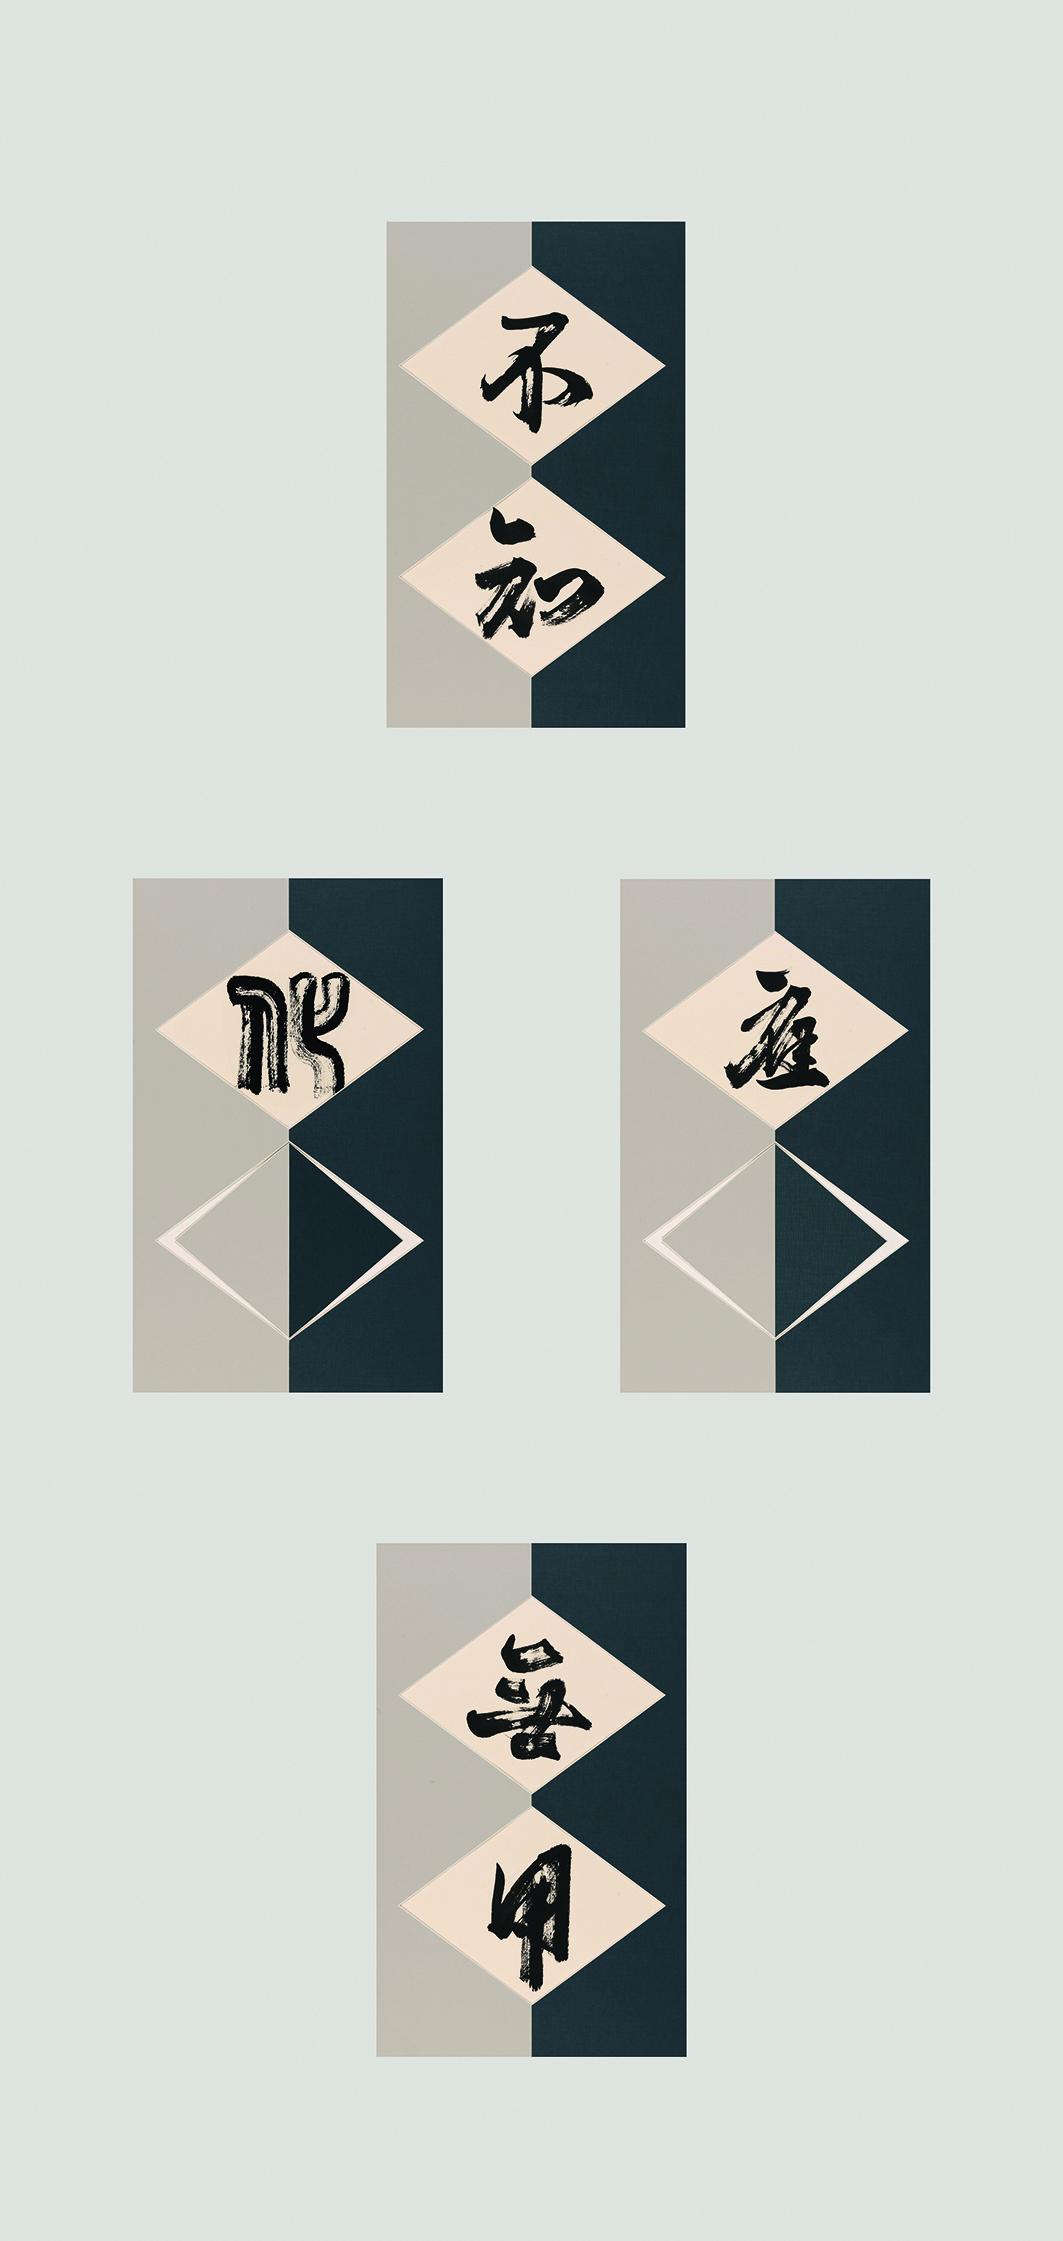 Suishū T. Klopfenstein-Arii, Vier Grundbegriffe aus dem Zhuangzi, 2012-2016, Tusche auf Japanpapier, danach bearbeitet, je 58 x 35 cm